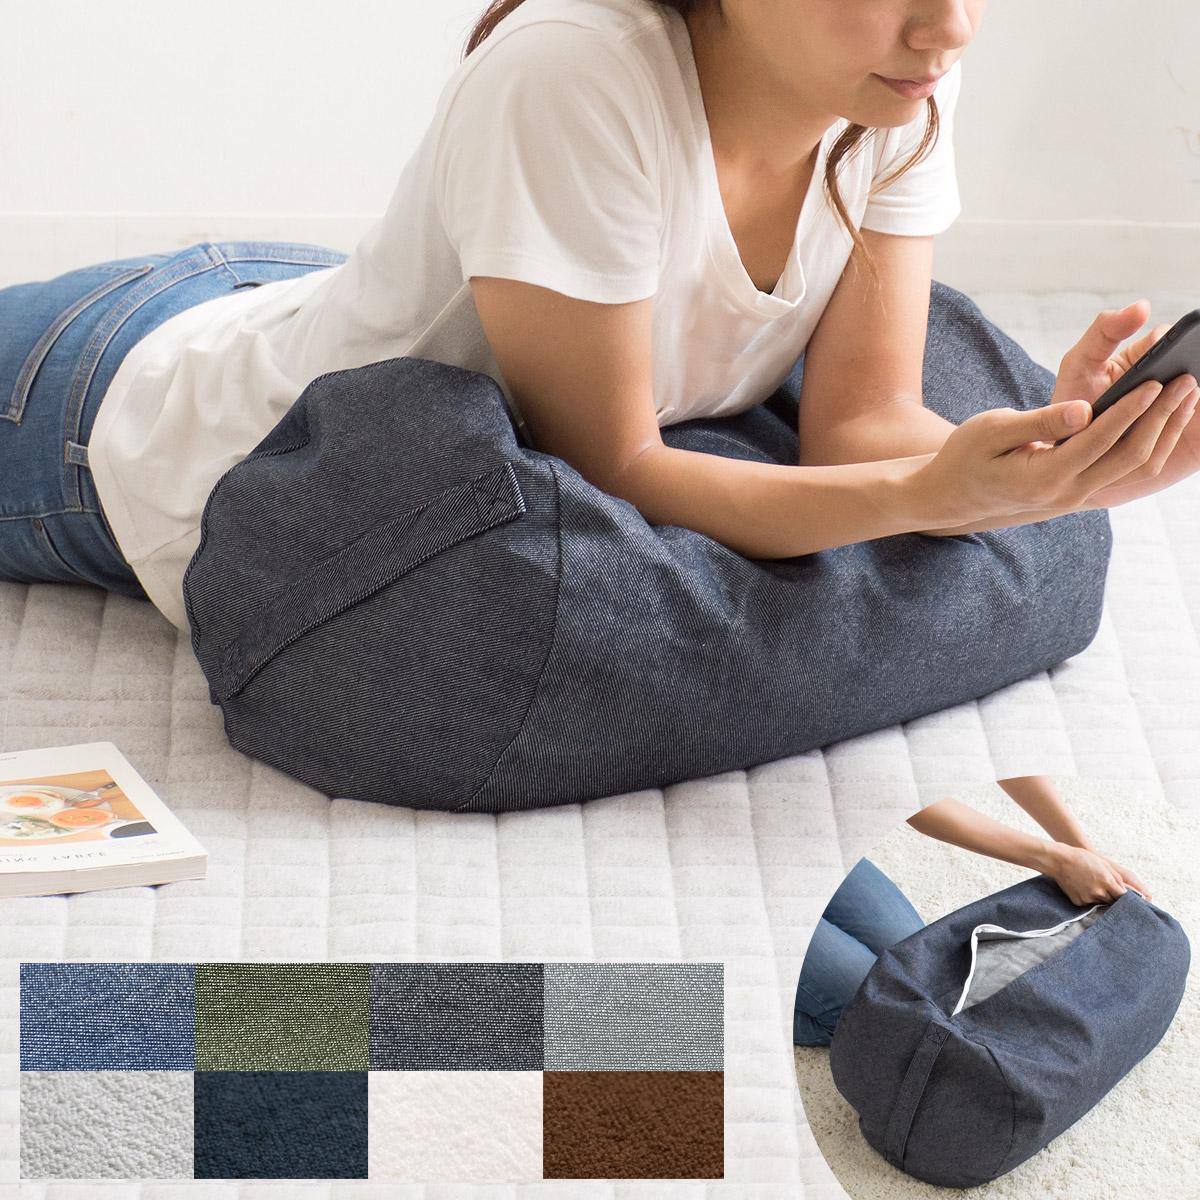 布団収納袋 収納カバー おしゃれ デニム 人気 クッション 大きい クッションカバー 長方形 ソファになる布団収納カバー Deco(デコ) 毛布用単体販売